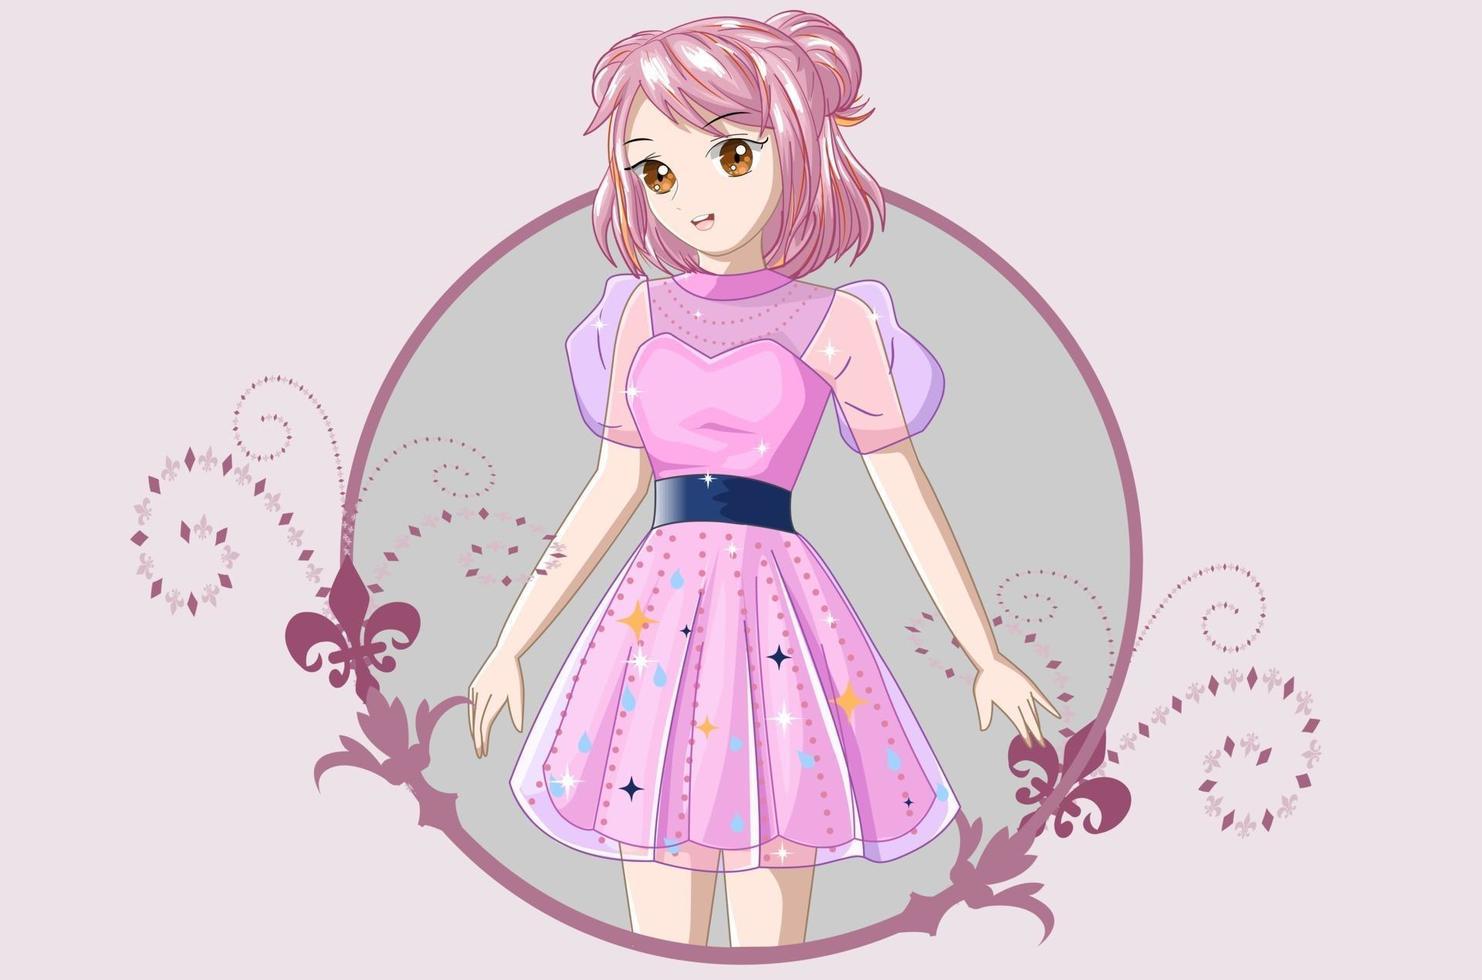 ragazza con i capelli rosa corti che indossa un abito rosa vettore